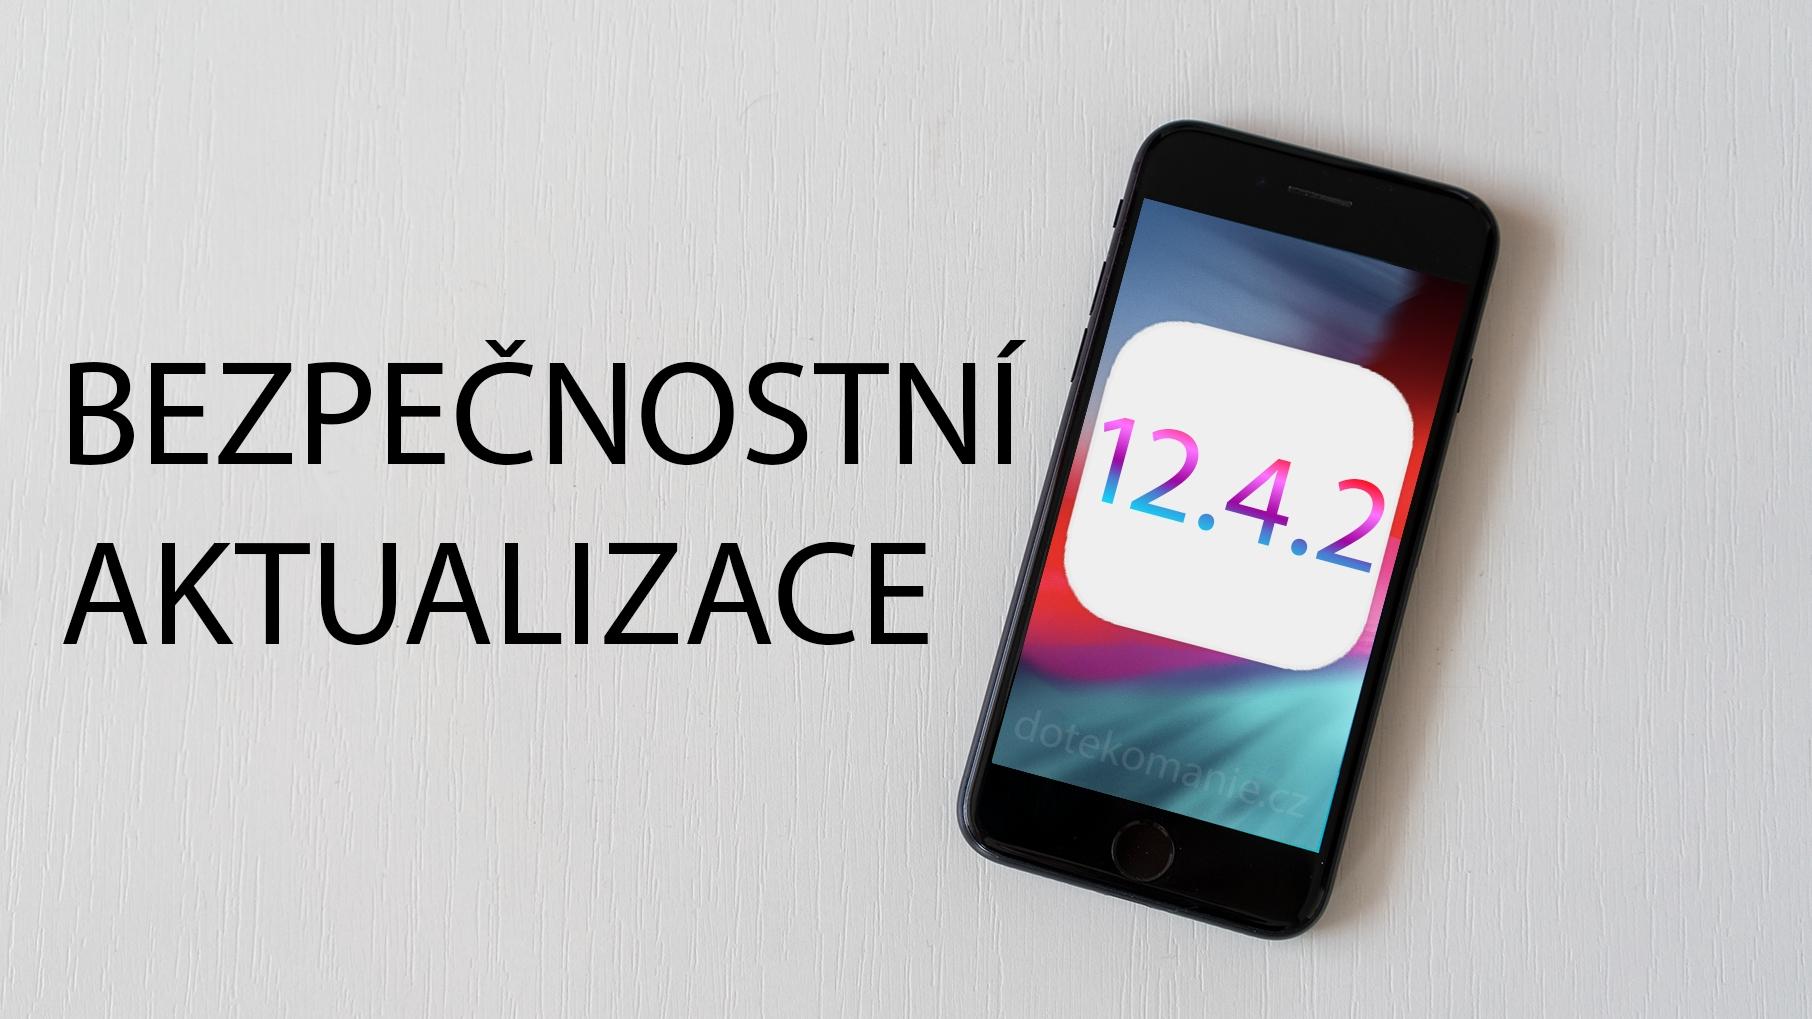 Apple vydal iOS 12.4.2 a watchOS 5.3.2 pro starší modely